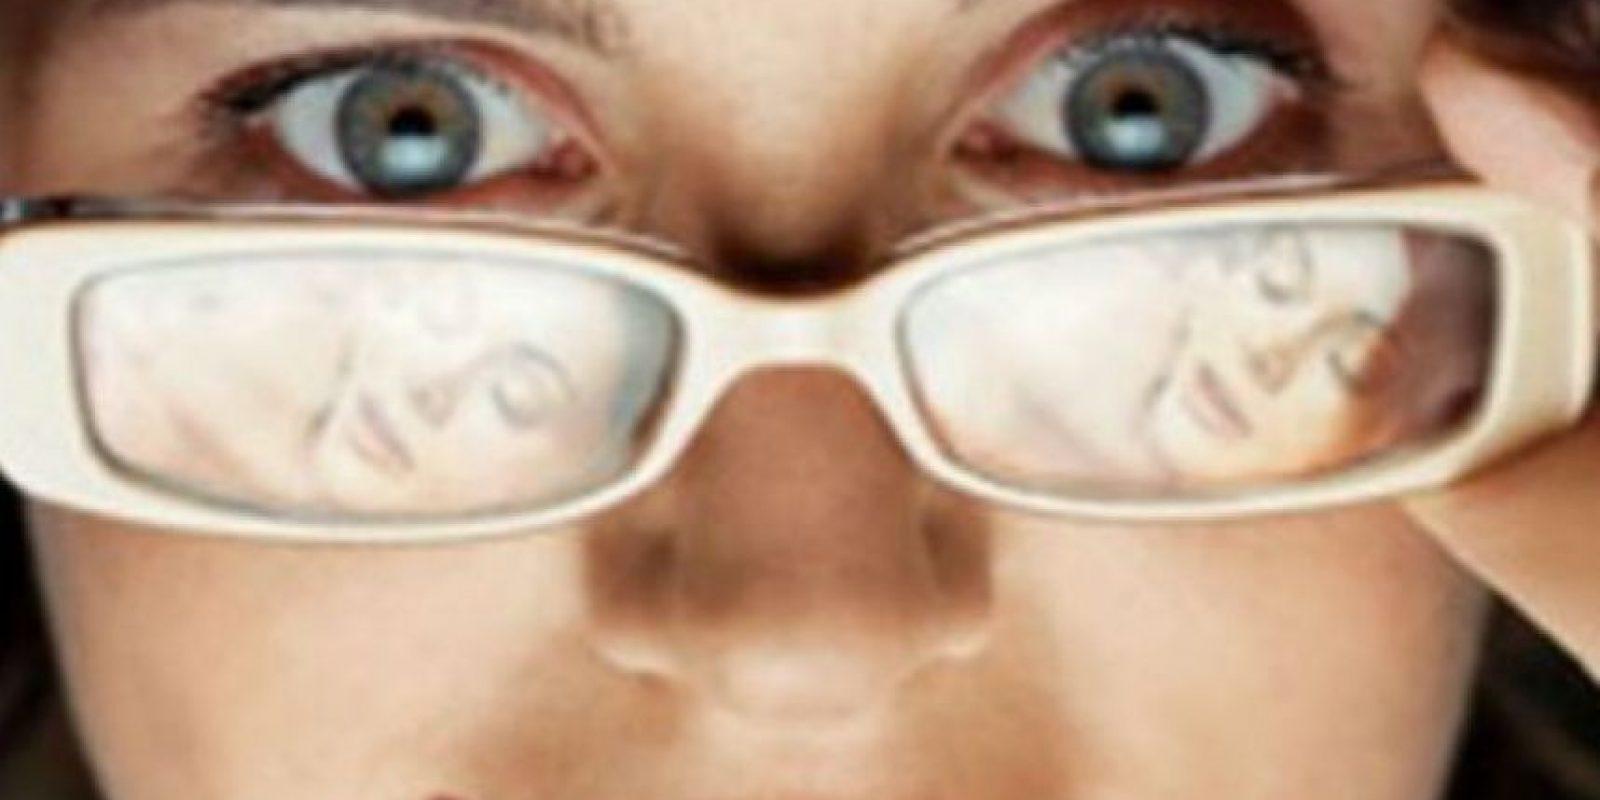 El estudio demostró que sólo existían respuestas emocionales que no coincidían a las mismas que desarrolla una persona adicta. Foto:Tumblr.com/Tagged/porno